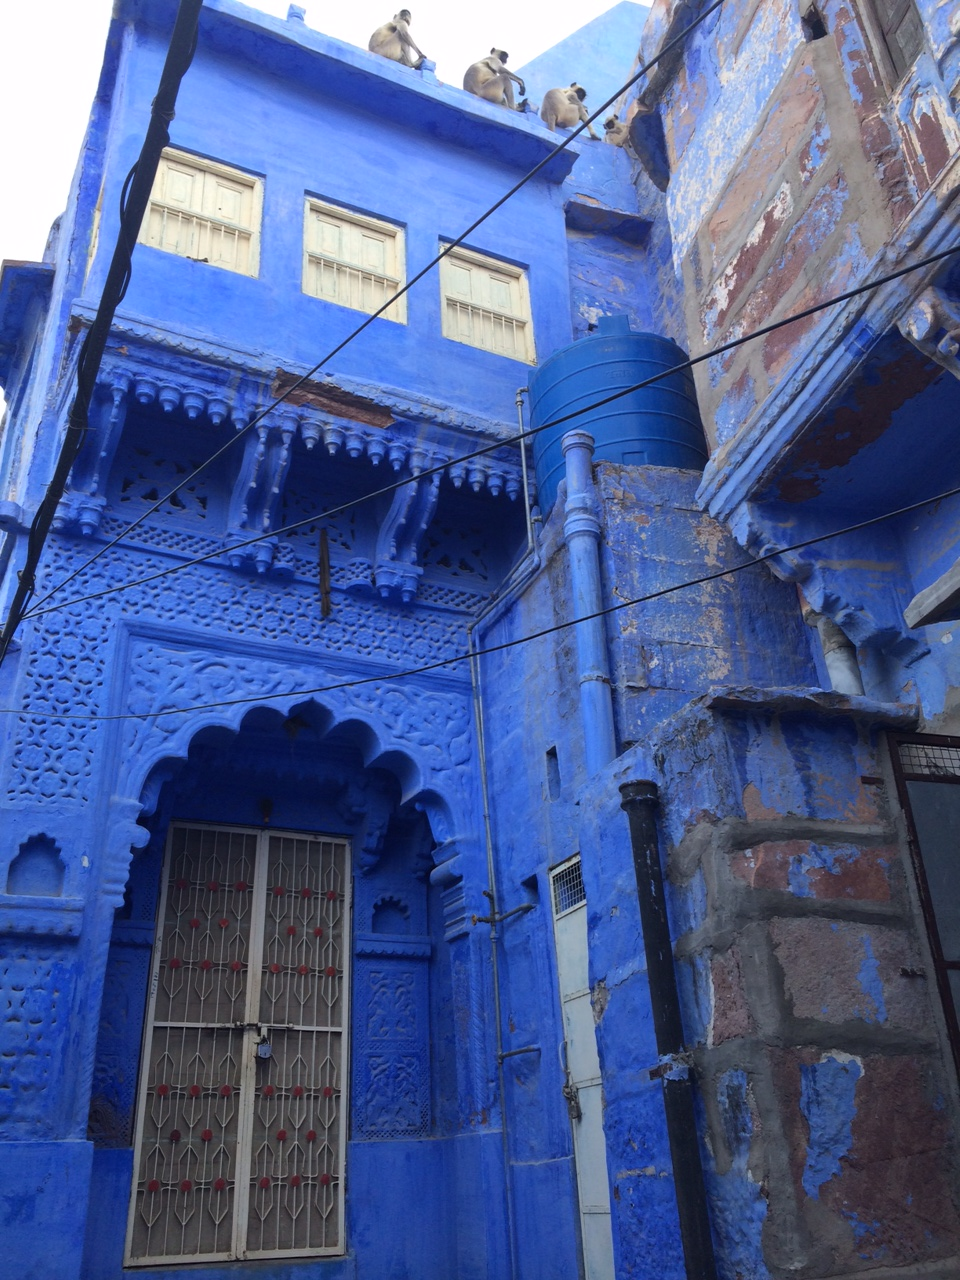 le bleu se repand sur la ville3_30may.JPG